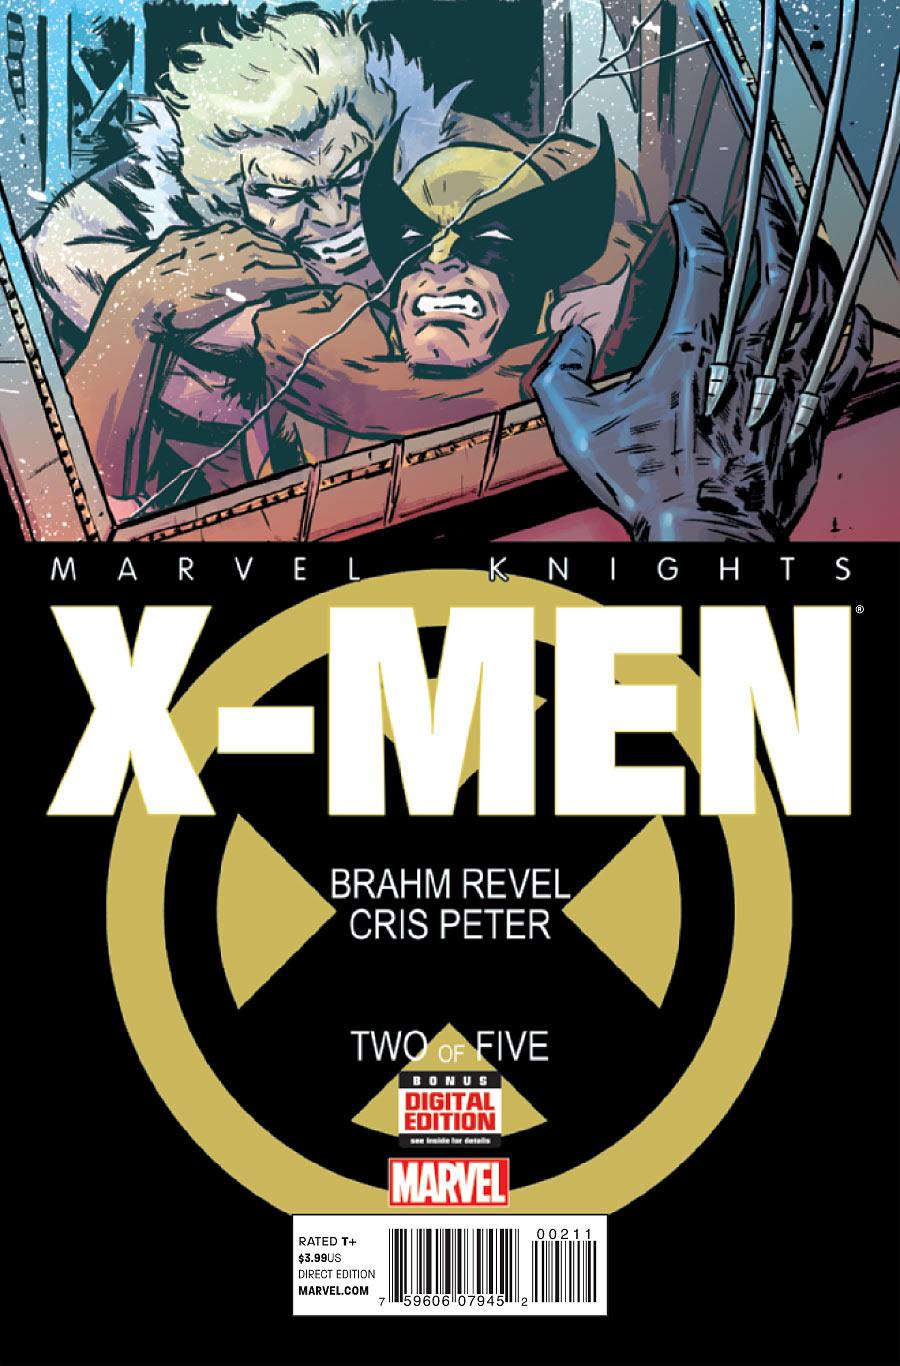 Marvel Knights: X-Men Vol 1 2